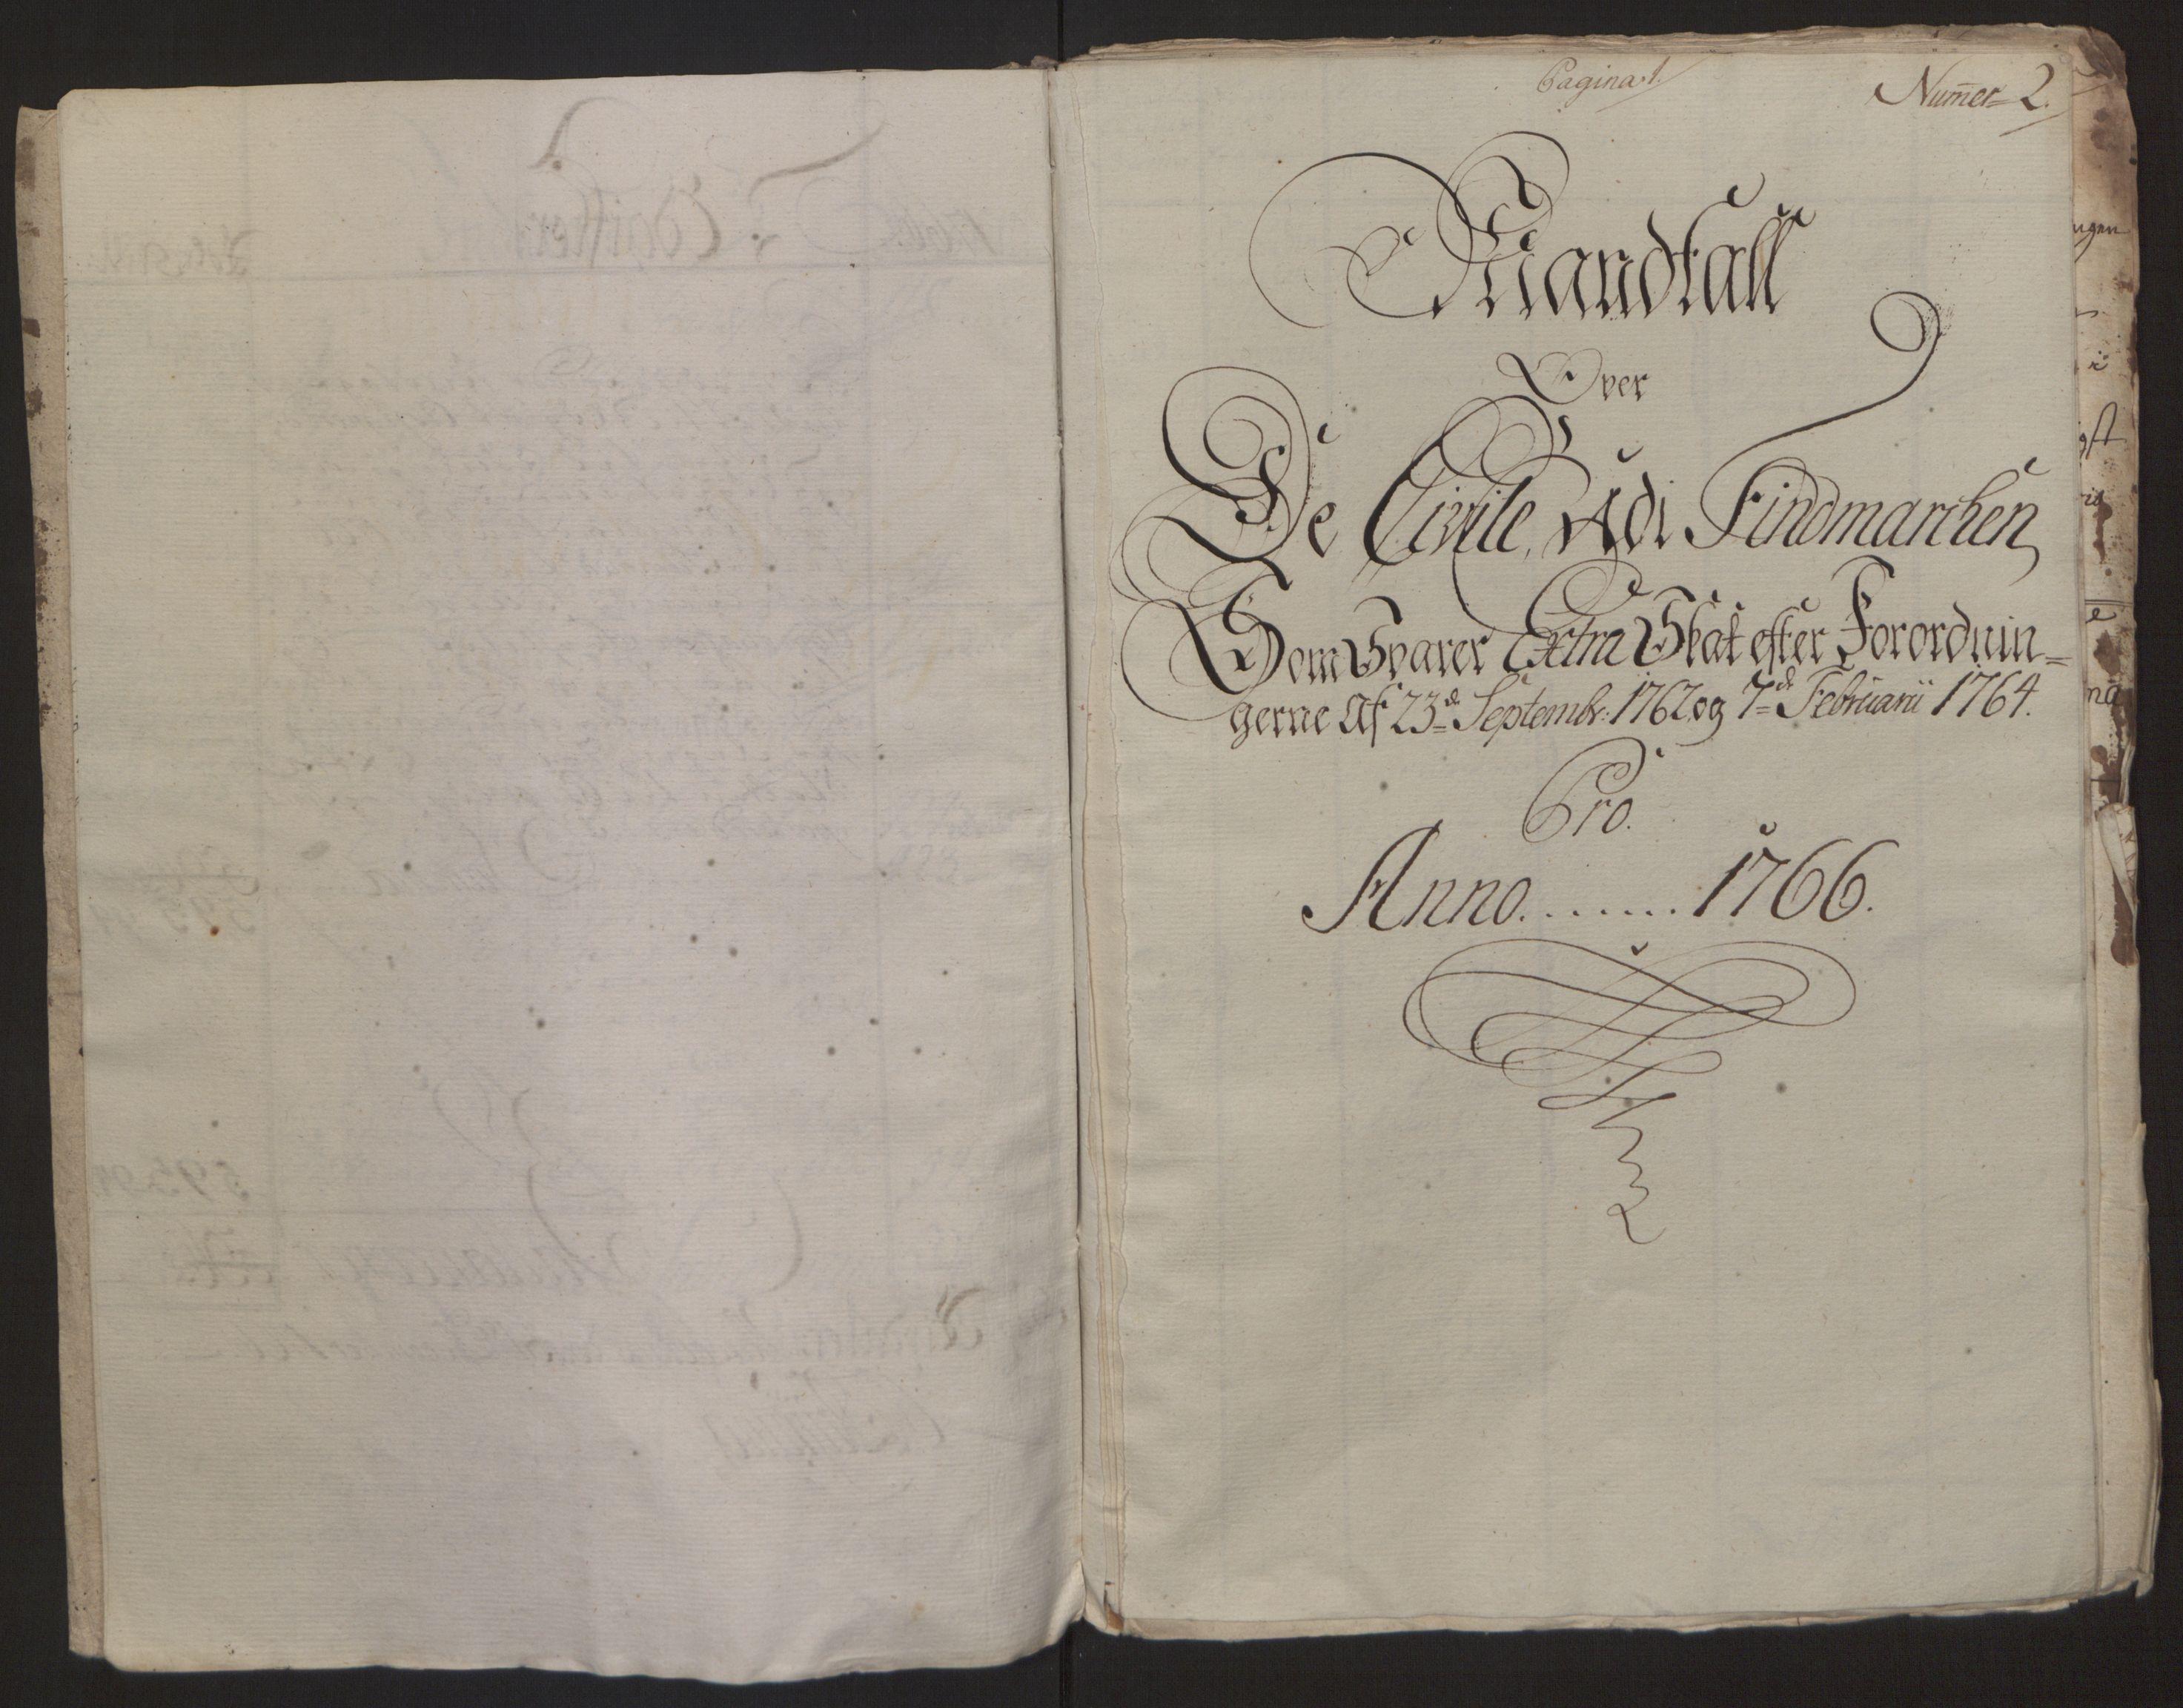 RA, Rentekammeret inntil 1814, Reviderte regnskaper, Fogderegnskap, R69/L4910: Ekstraskatten  Finnmark/Vardøhus, 1762-1772, s. 181